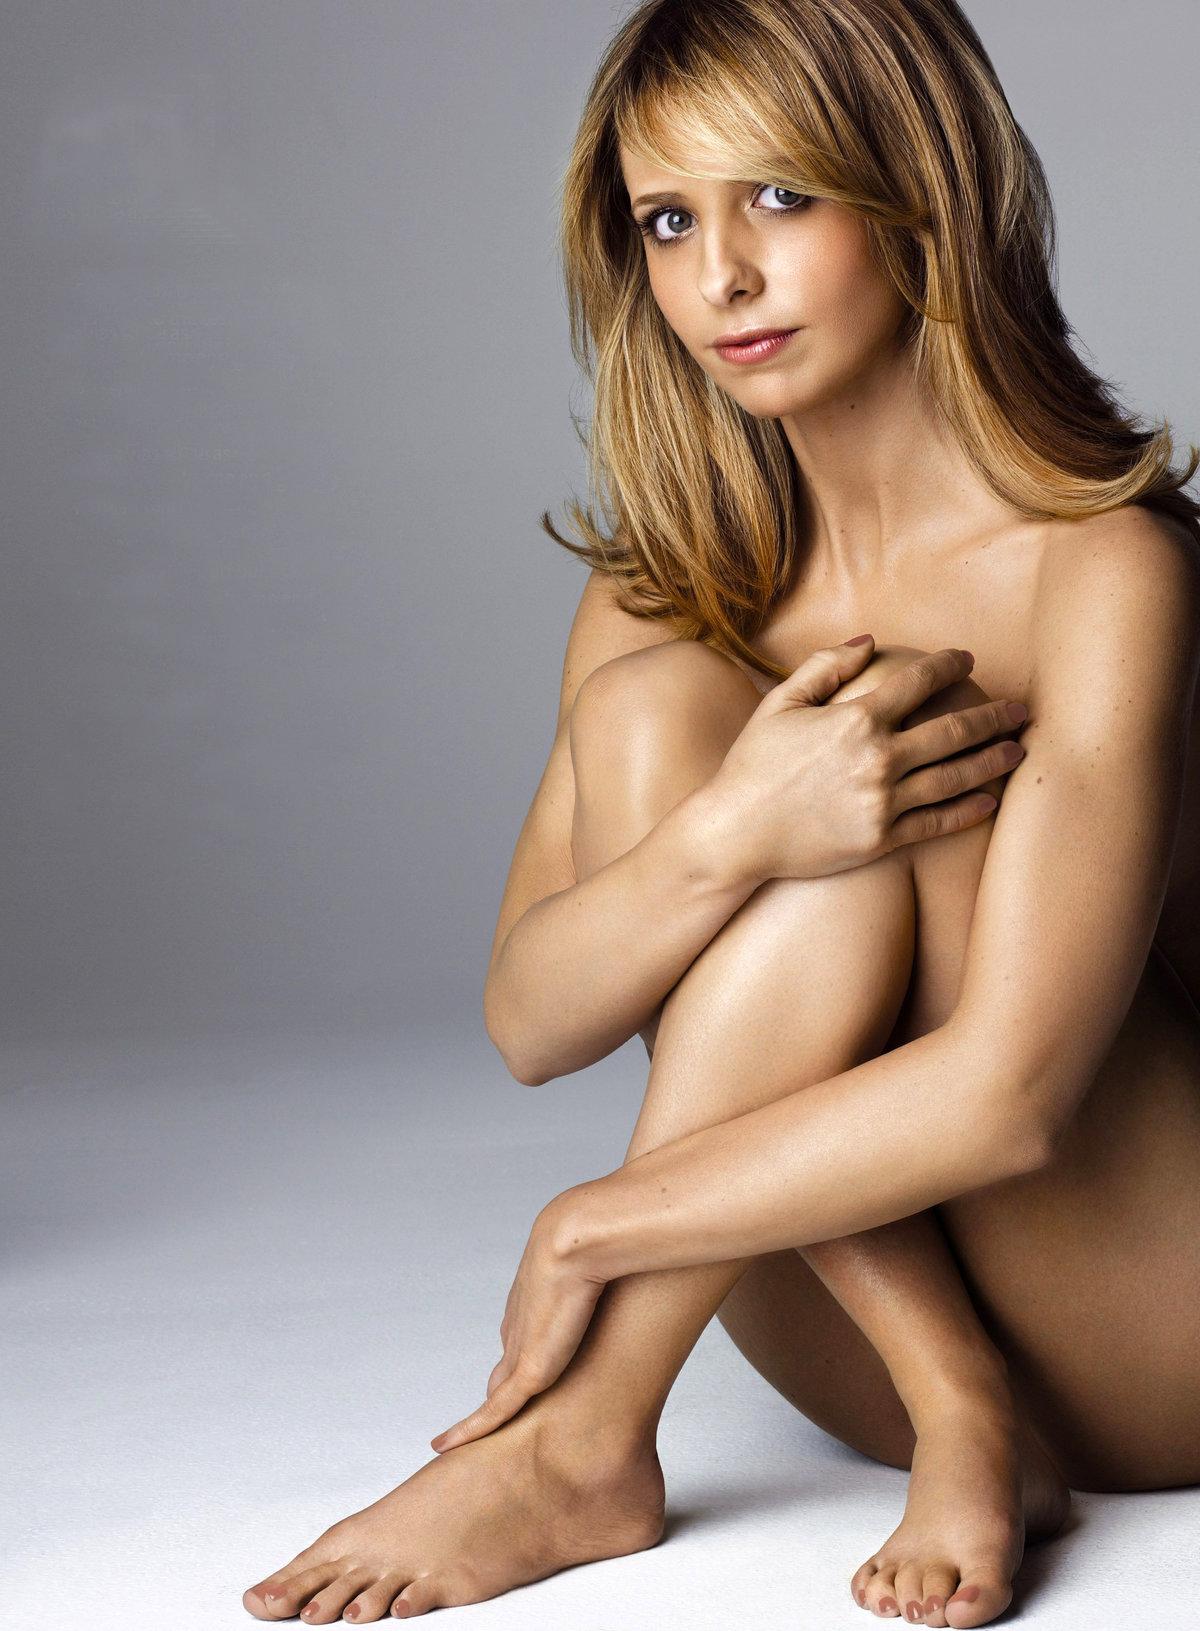 Голые фотки звезд, видео вагины женщин